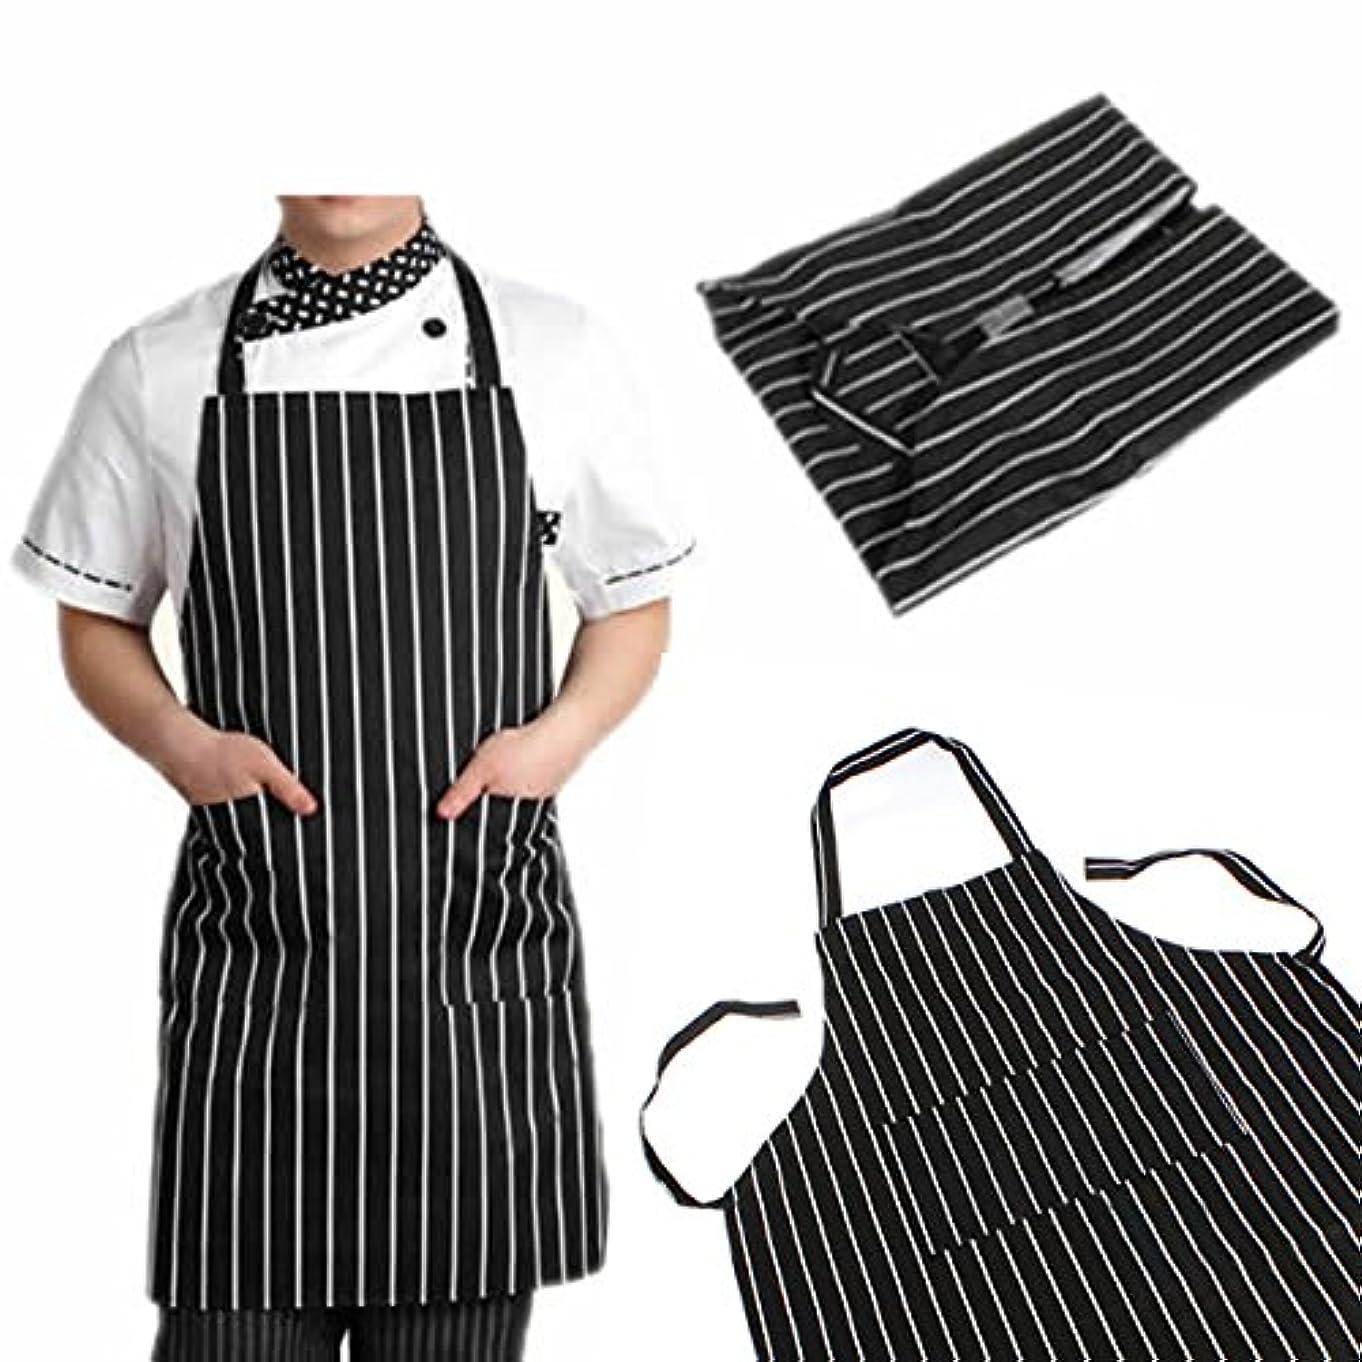 代理店パキスタン人海藻Auntwhale ブラックストライプビブエプロン 耐久性のある毎日 2つのポケット付き キッチン料理 調節可能な 大人